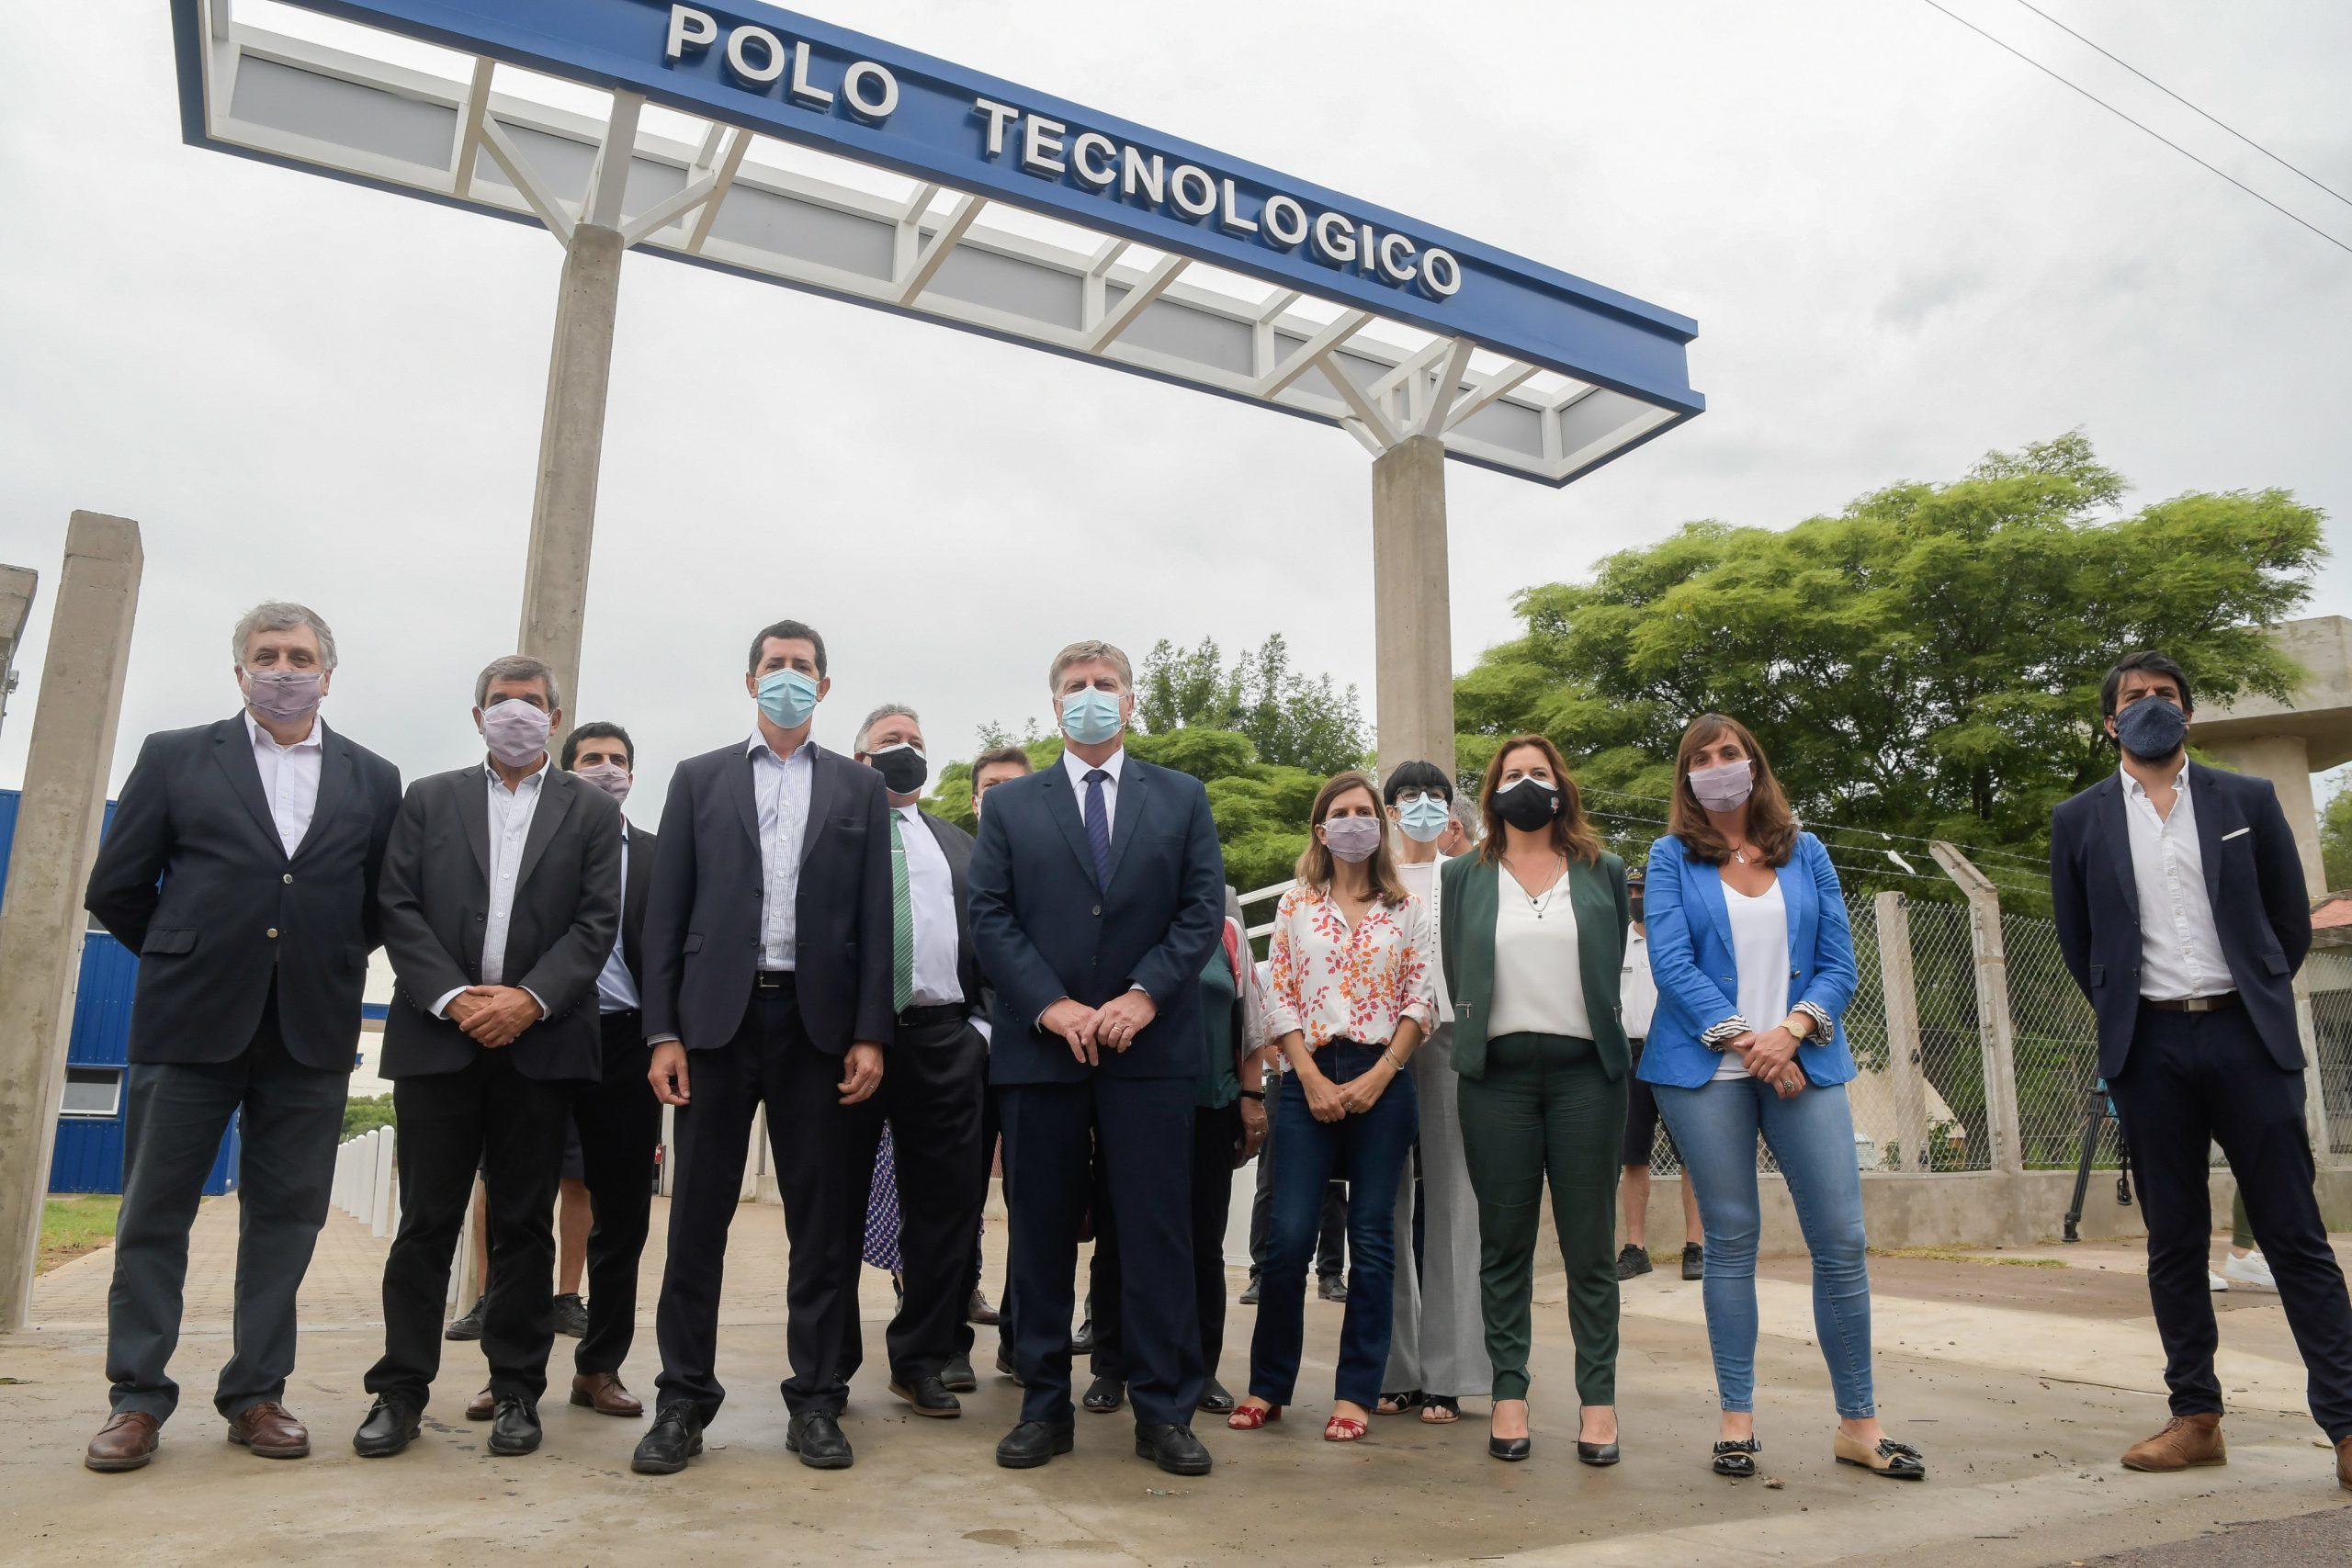 Firmaron convenio por $378 millones para la construcción de la 2° y 3° etapa del Polo Tecnológico de Pico